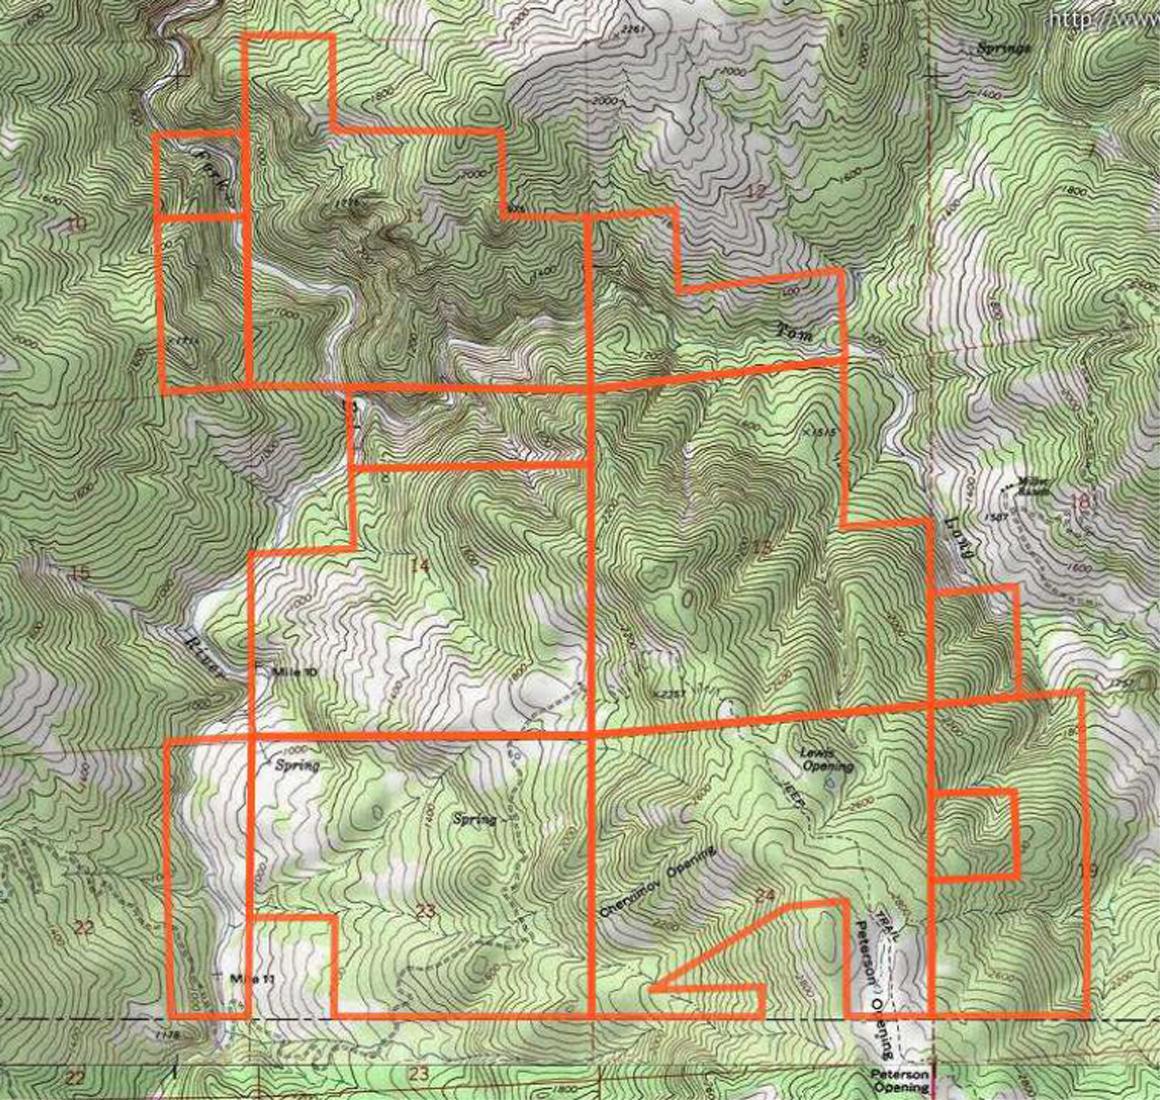 Topo map shows apns not legal parcels